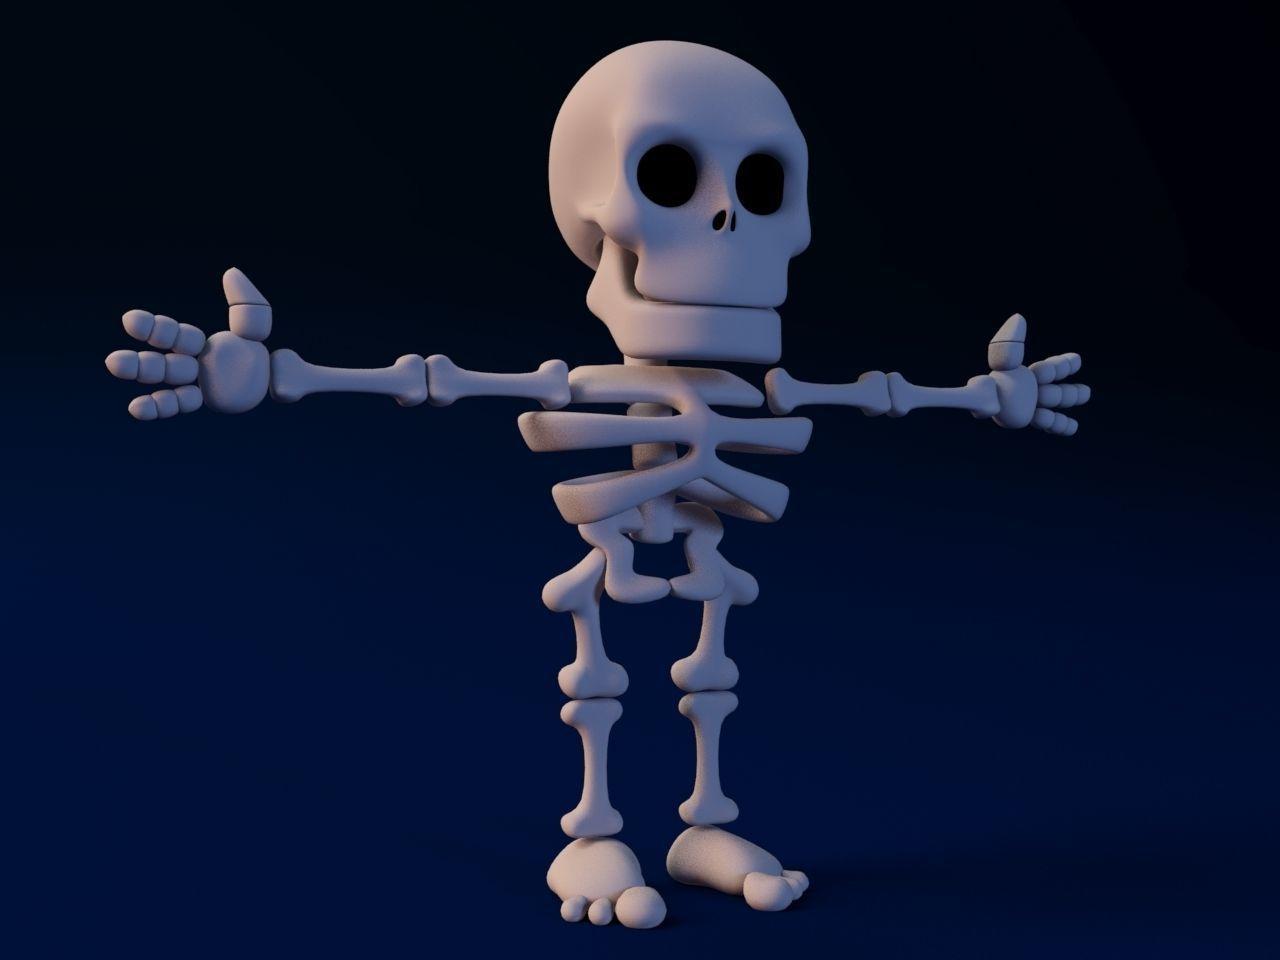 Cartoon Skeleton Not rigged